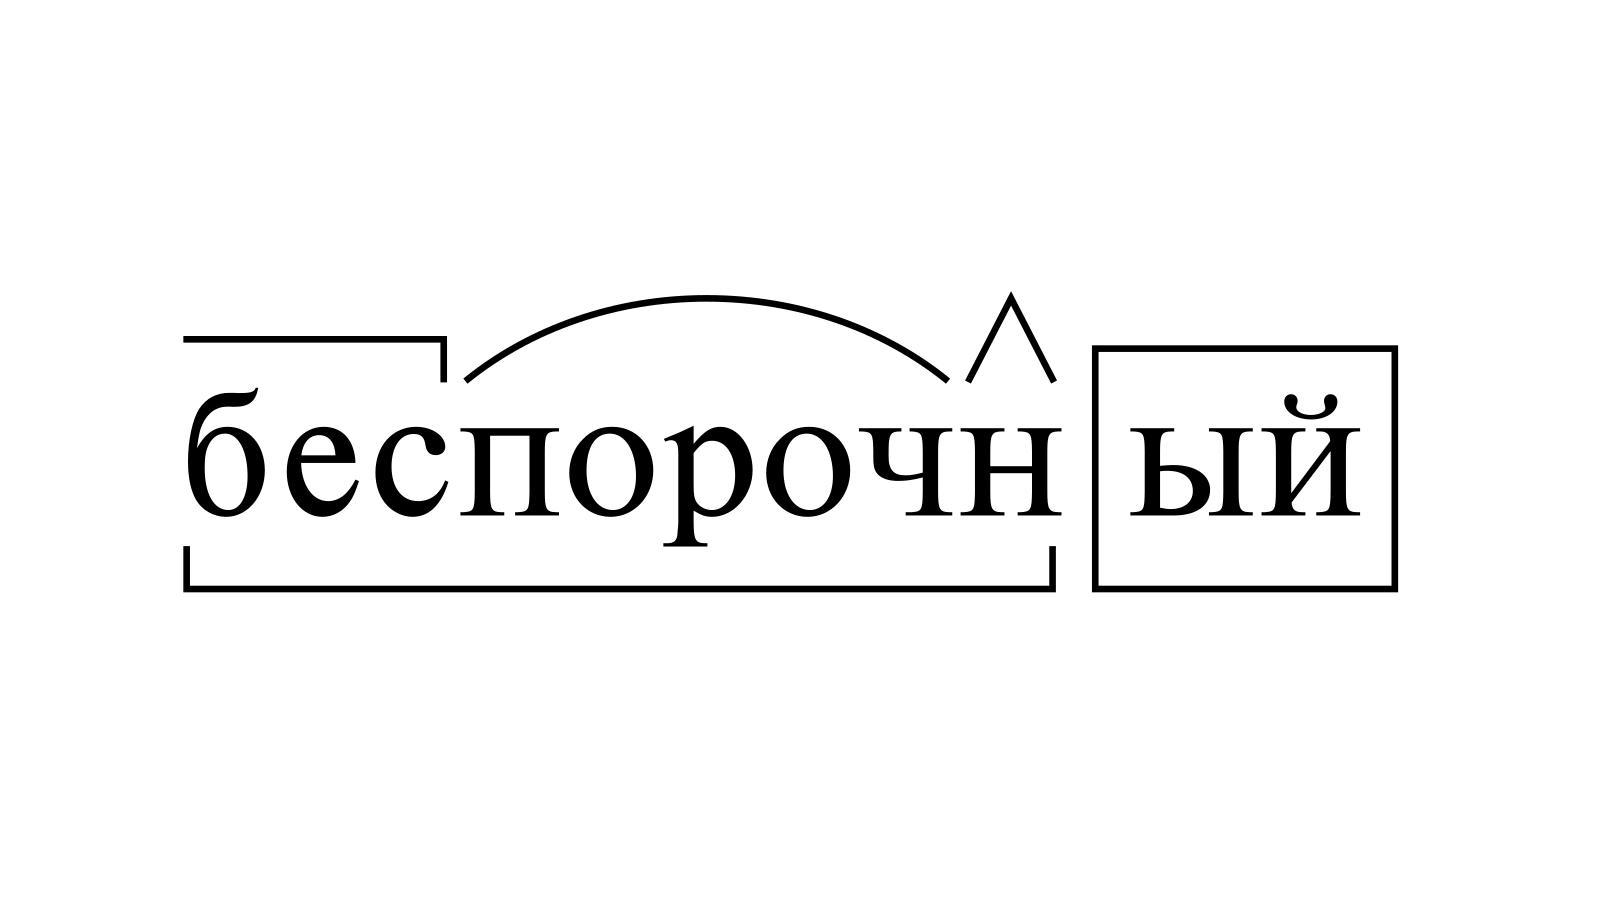 Разбор слова «беспорочный» по составу